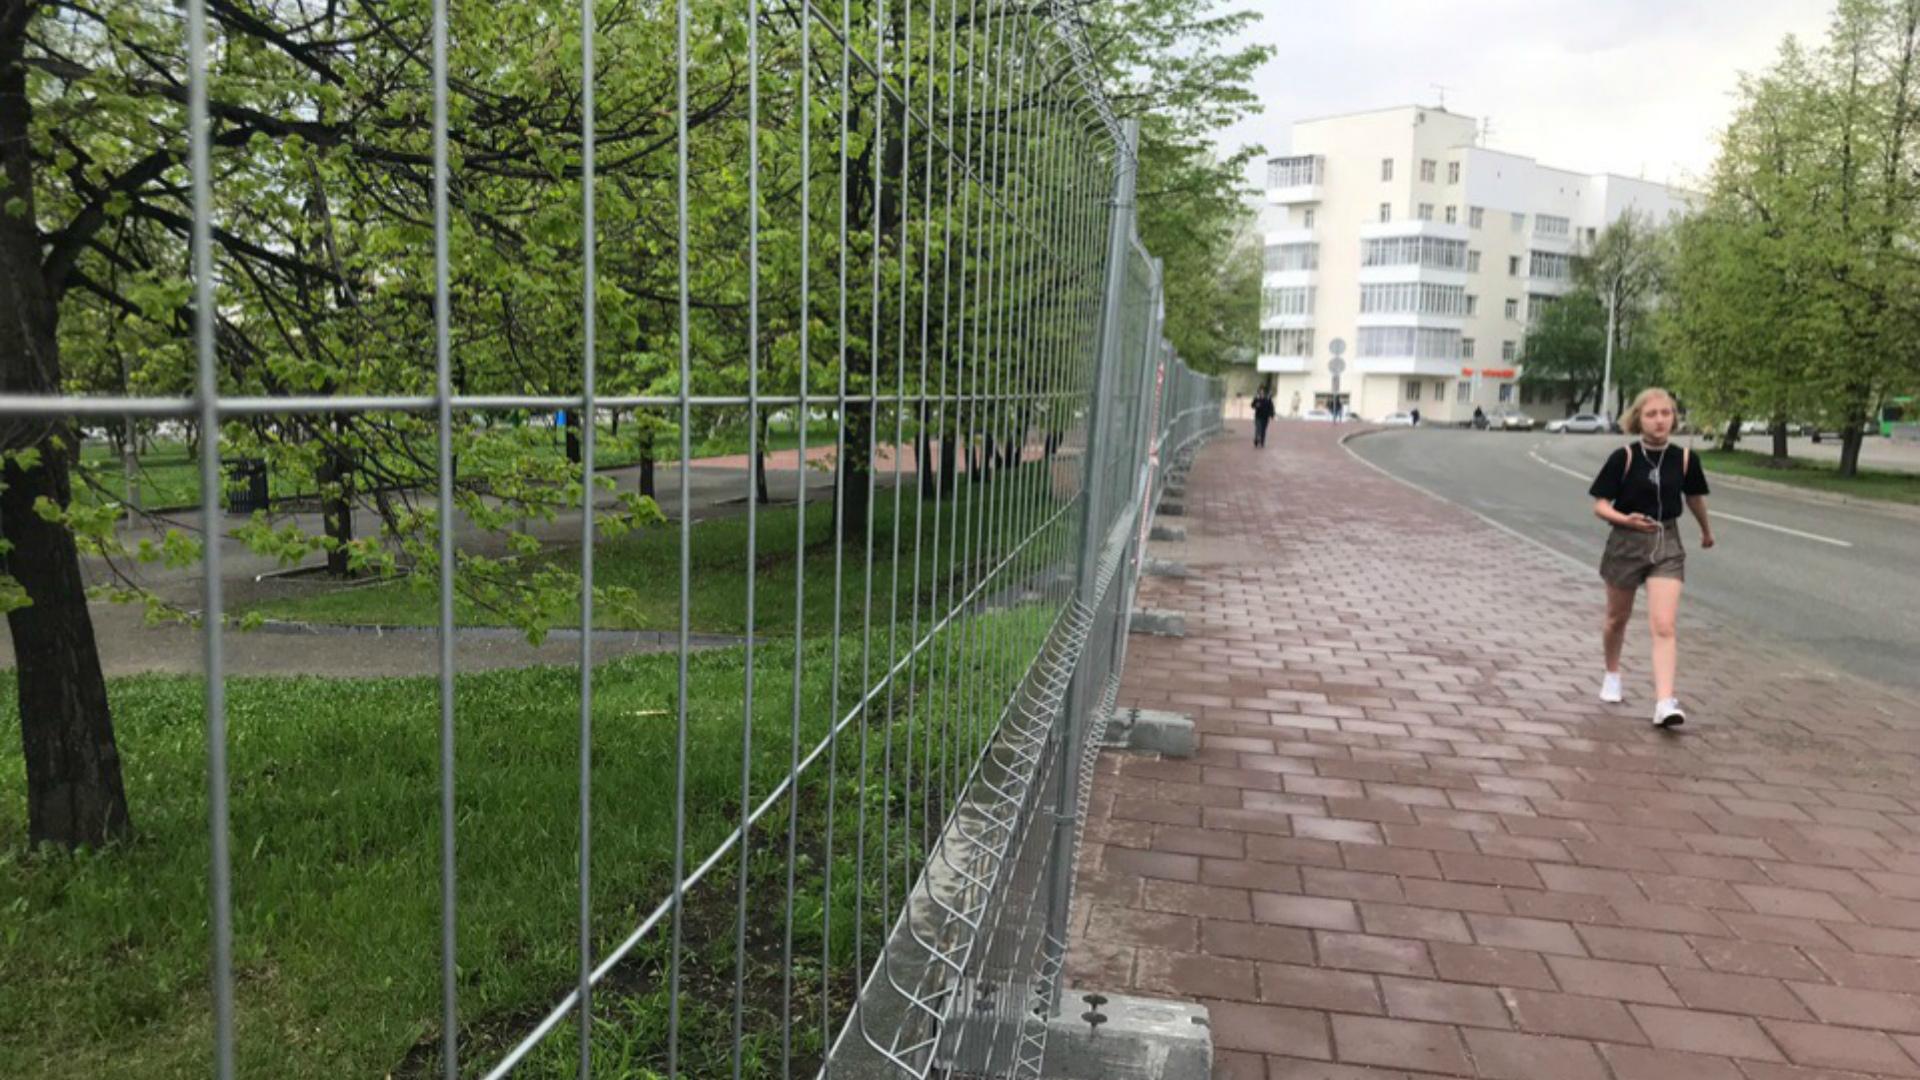 фото ЗакС политика Куйвашев заверил екатеринбуржцев: Церковь в сквере строить не станут